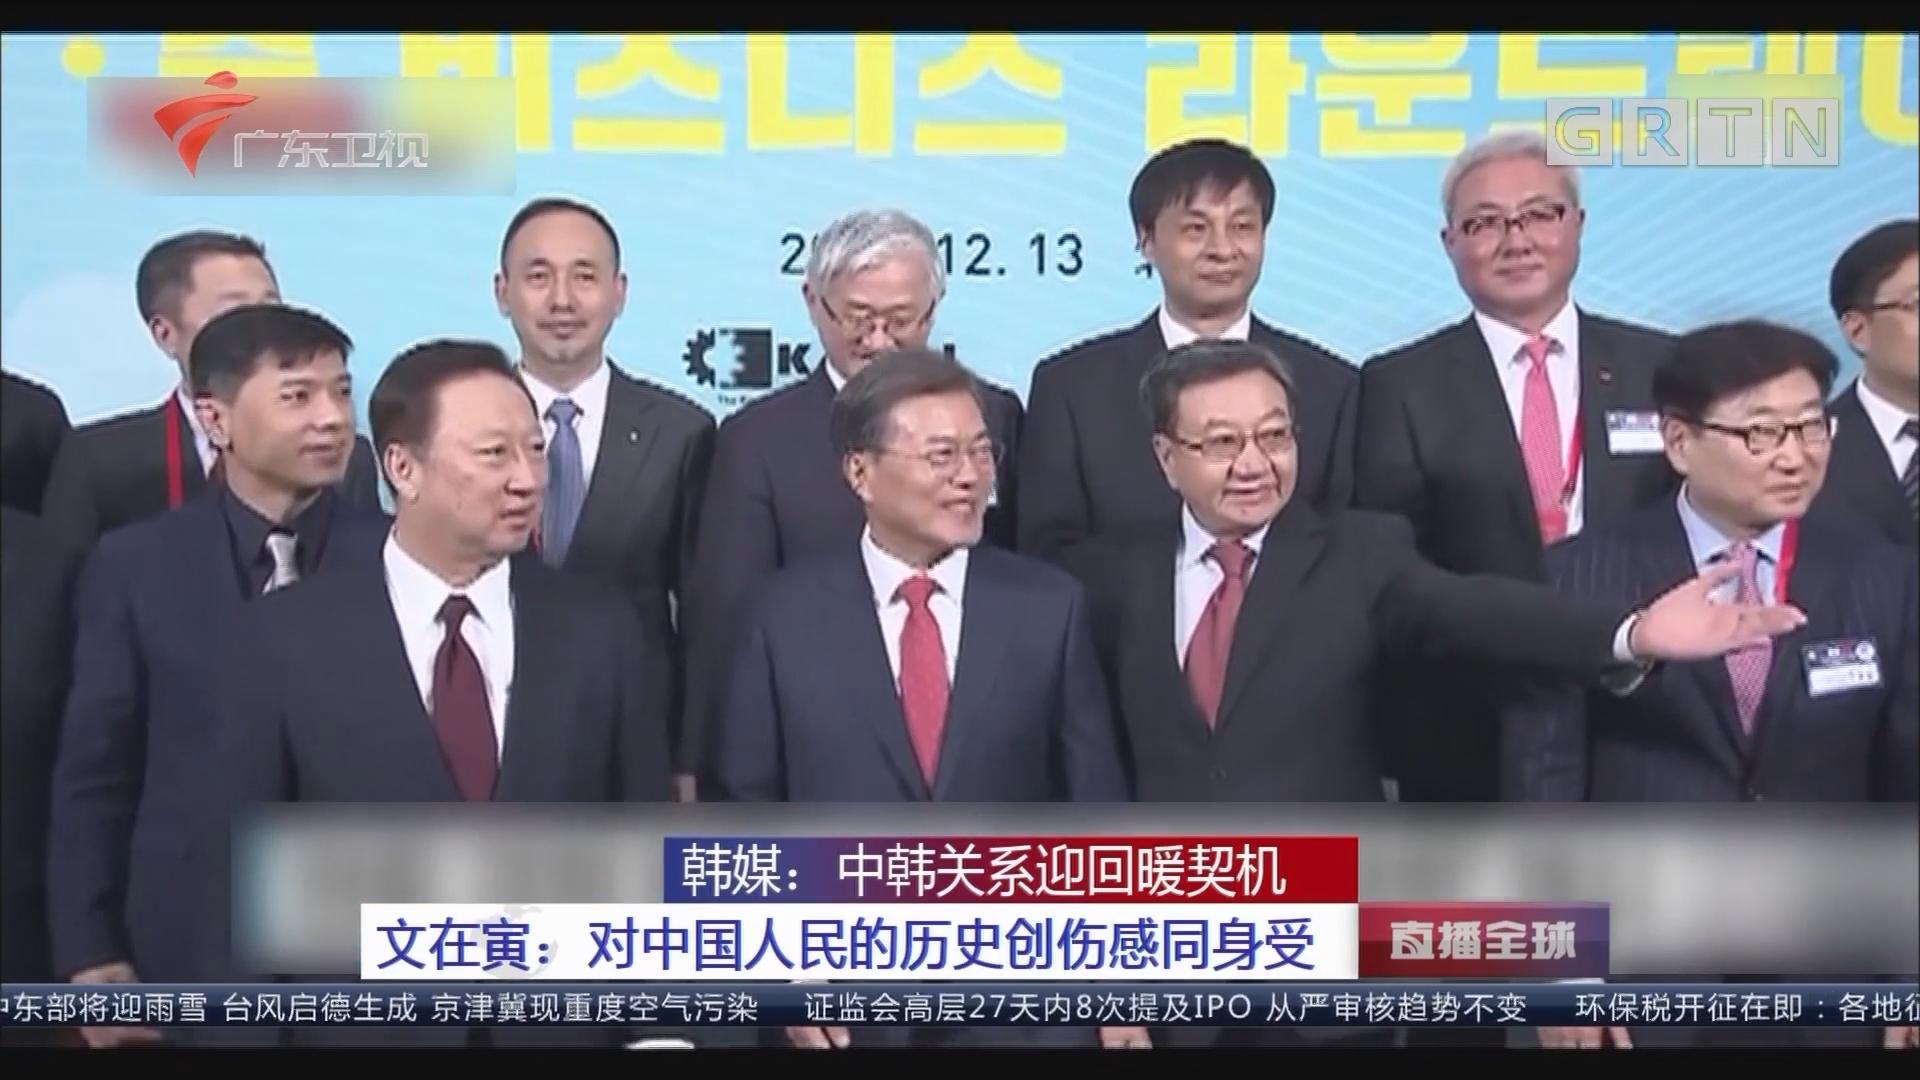 韩媒:中韩关系迎回暖契机 文在寅:对中国人民的历史创伤感同身受